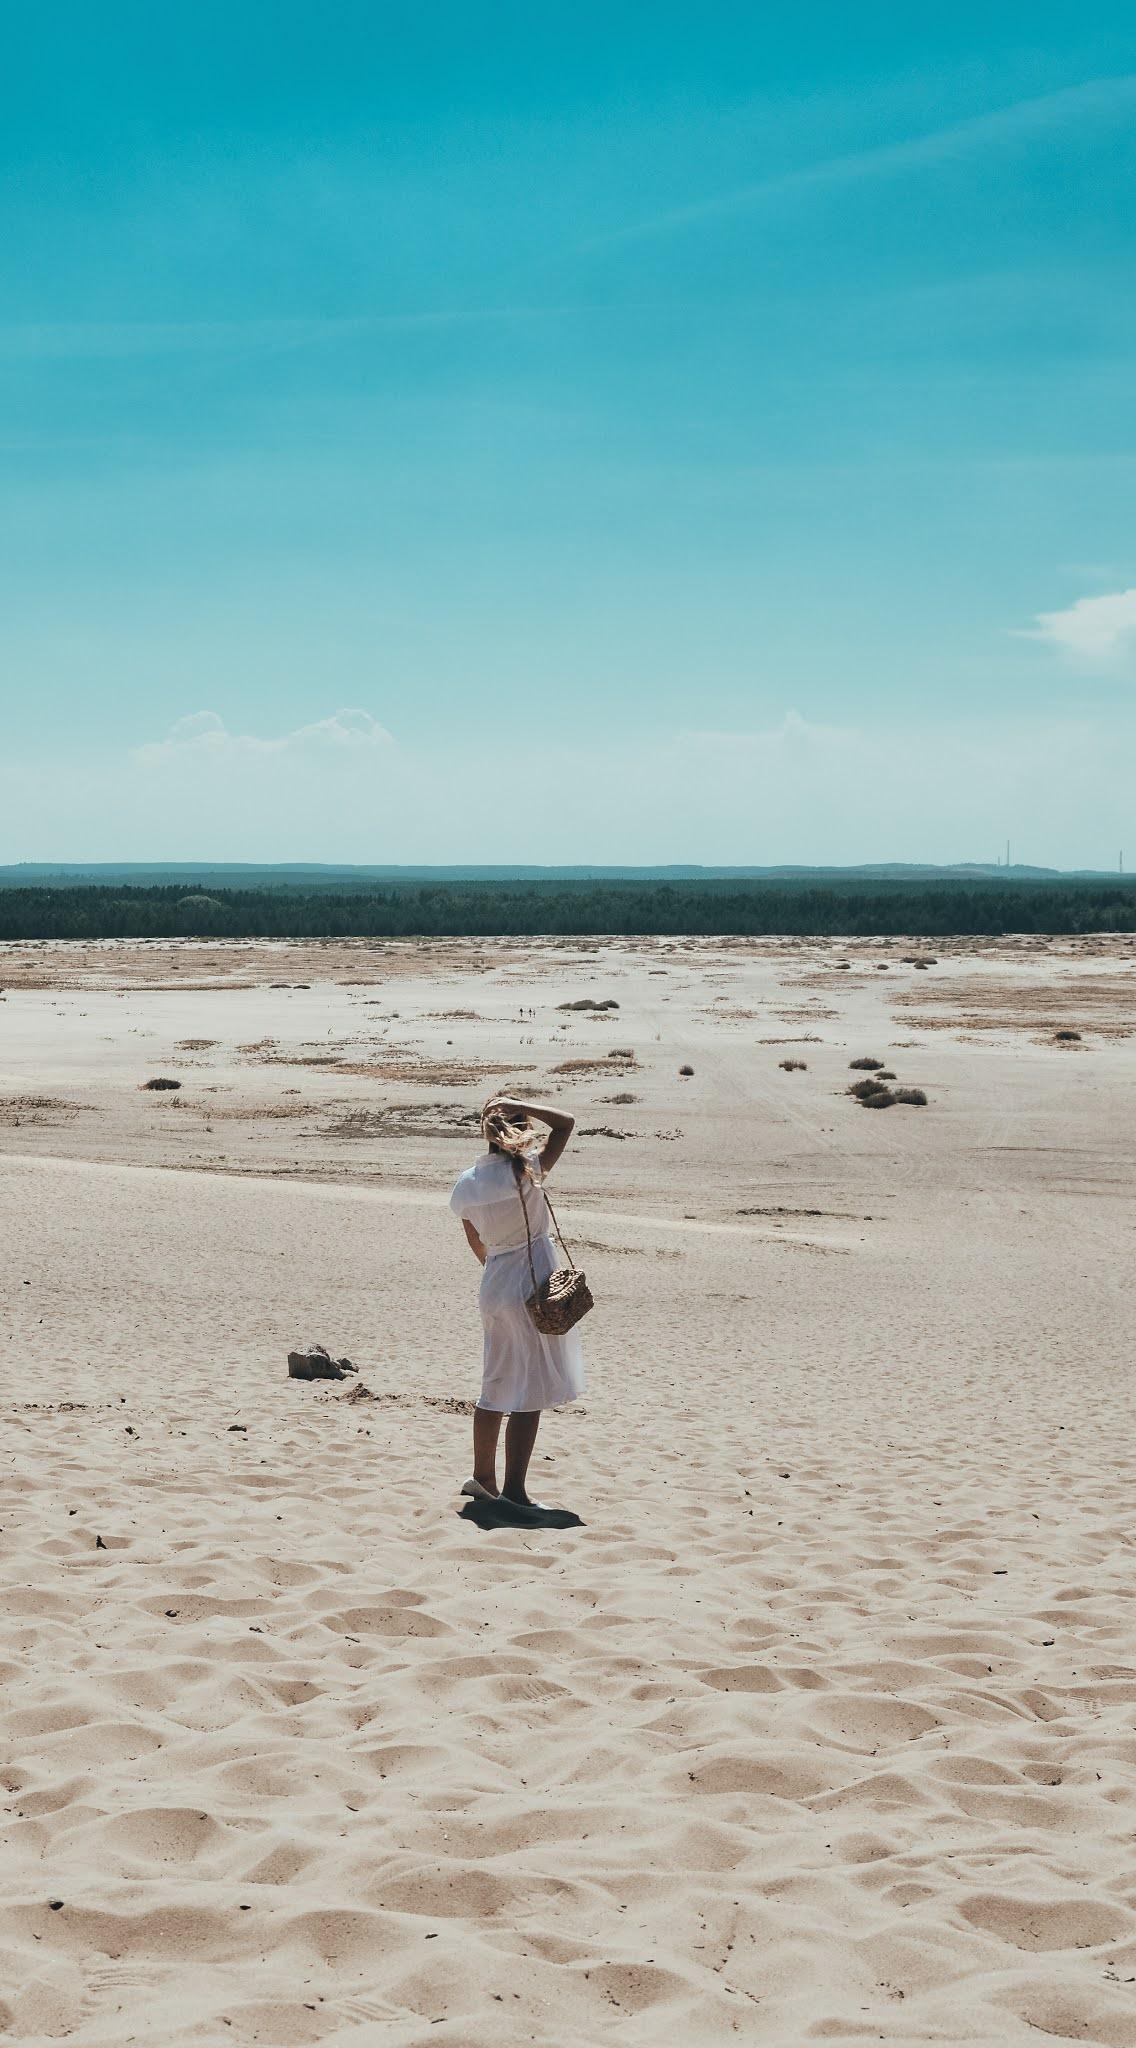 Pustynia błędowska krajobraz, widok na pustynię błedowska